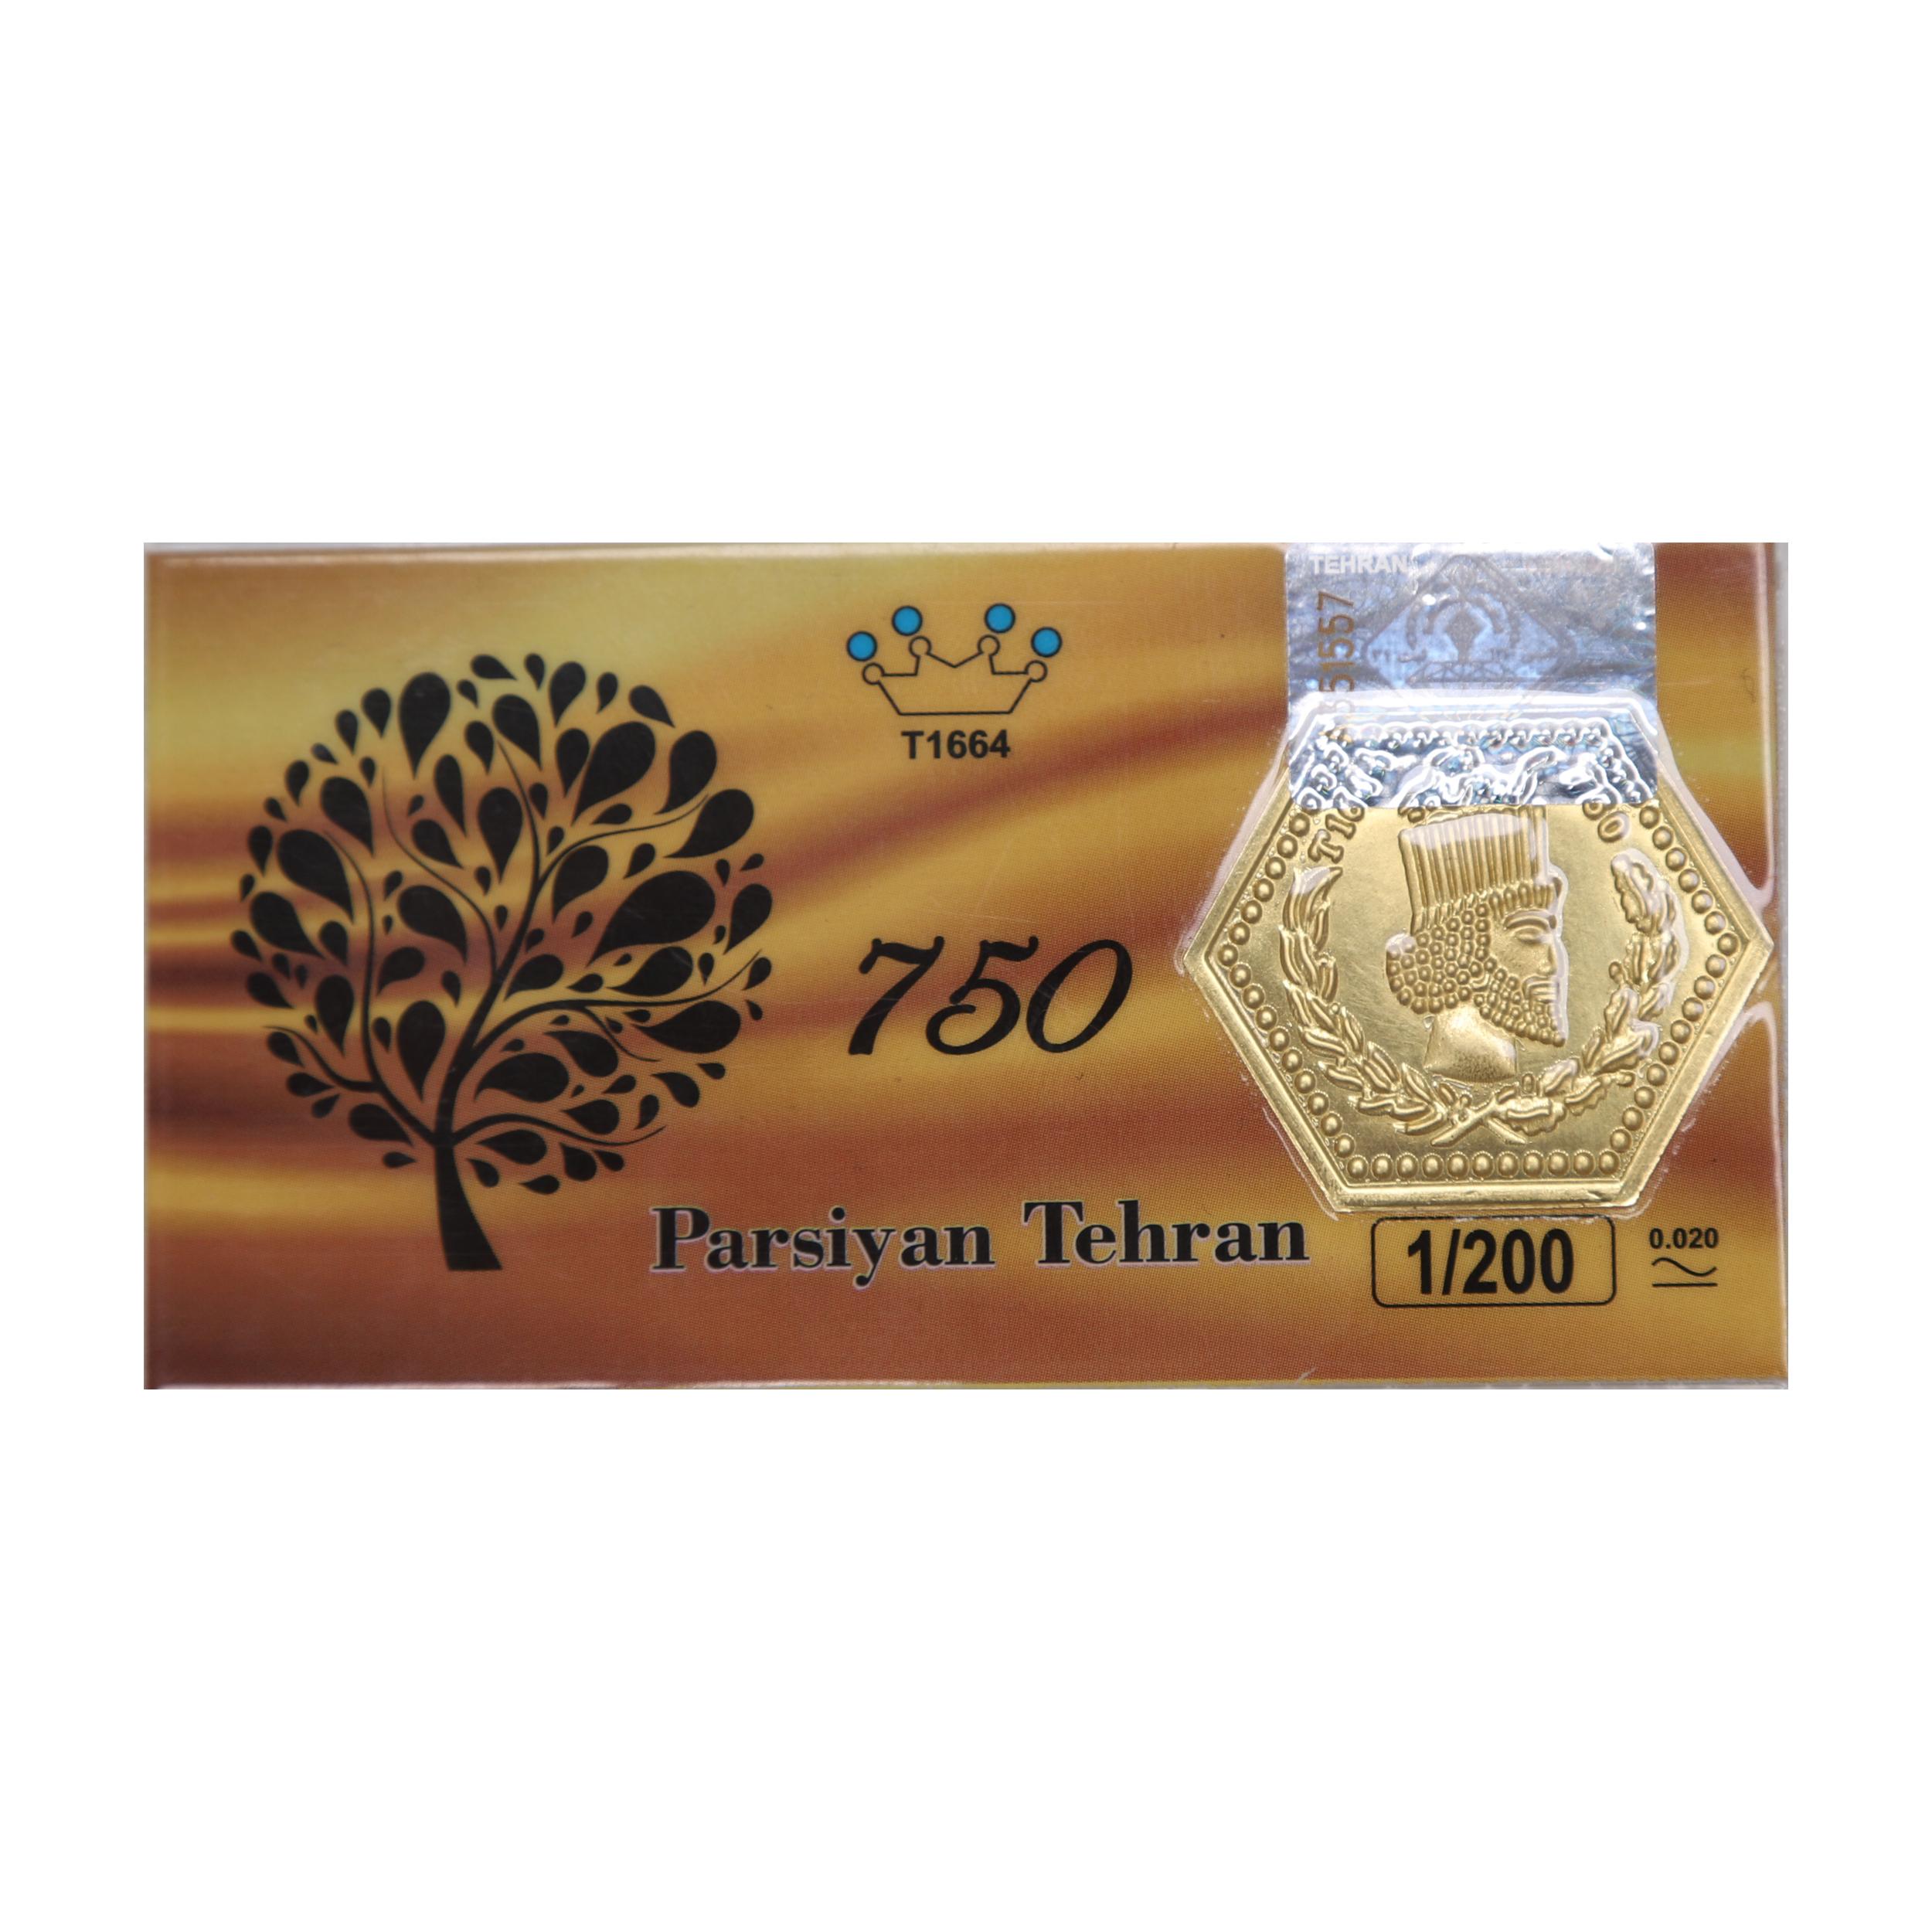 قیمت پلاک طلا 18 عیار پارسیان گوی گالری کد P1200